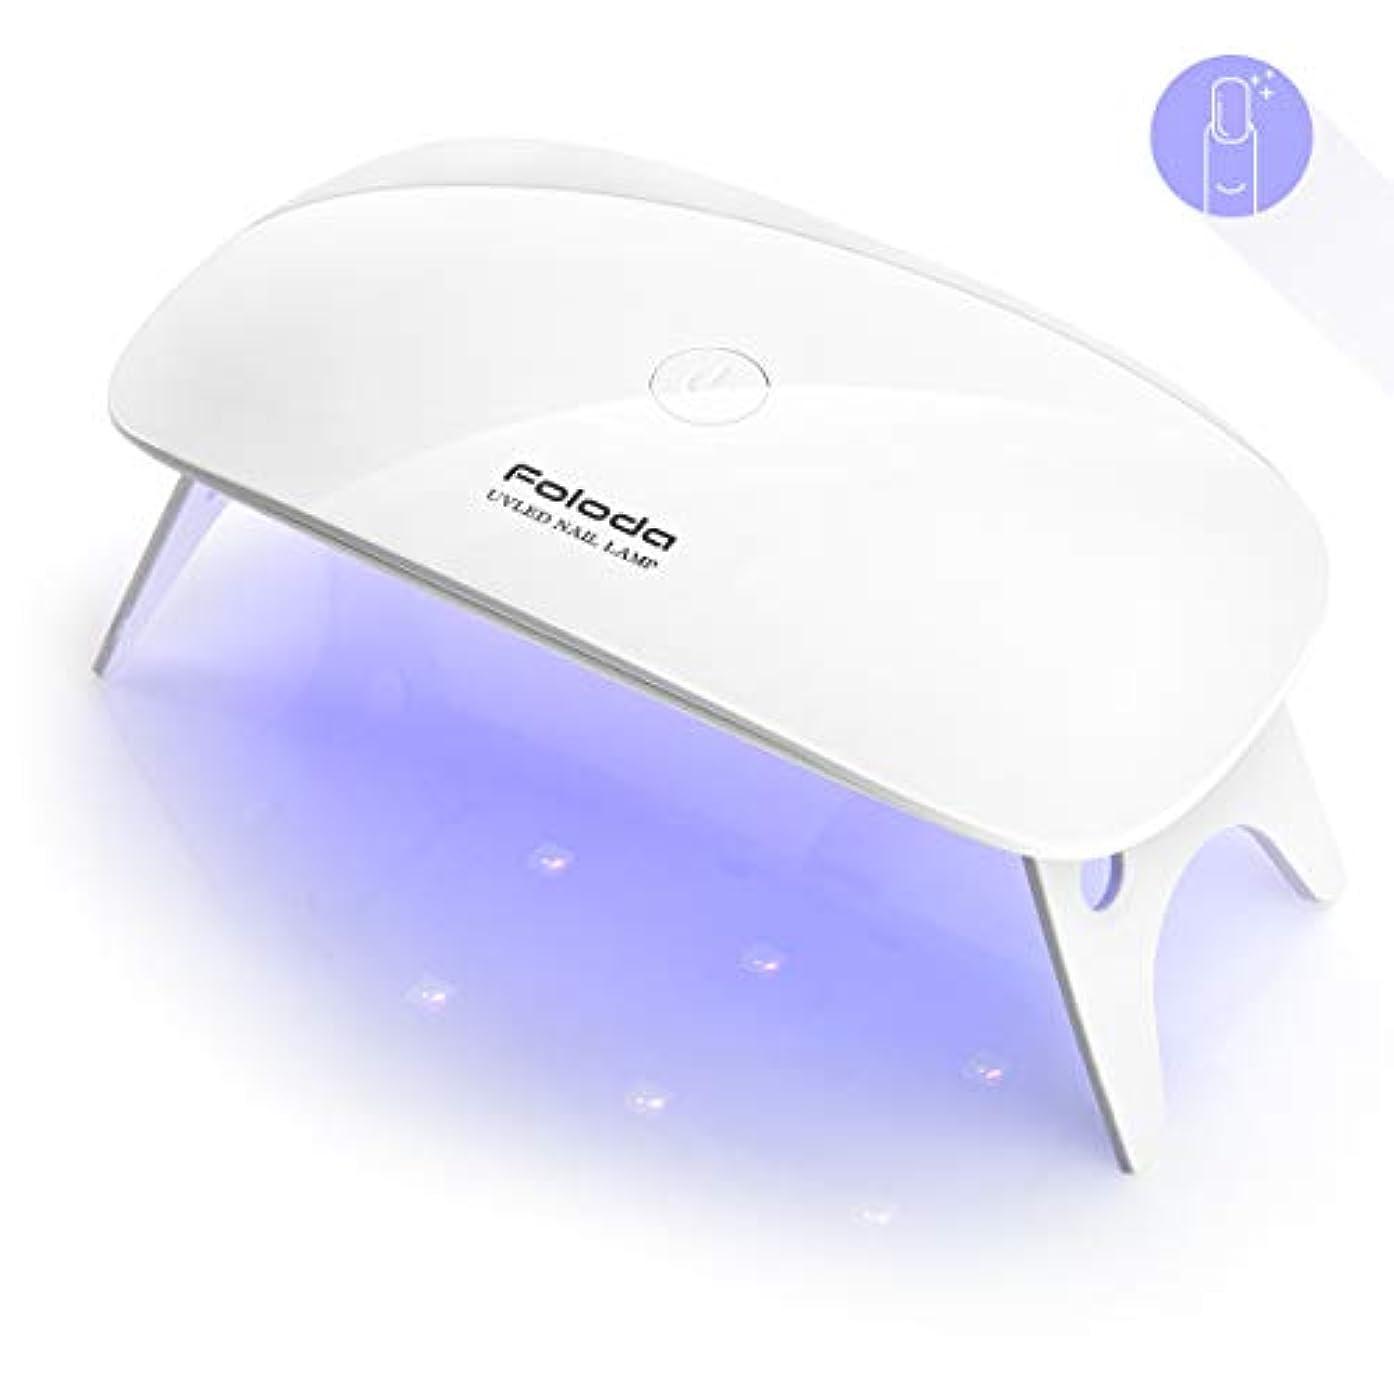 作家魚富豪LEDネイルドライヤー UVライト Foloda タイマー設定可能 折りたたみ式手足とも使える 人感センサー式 LED 硬化ライト UV と LEDダブルライト ジェルネイル用 ホワイト (white)